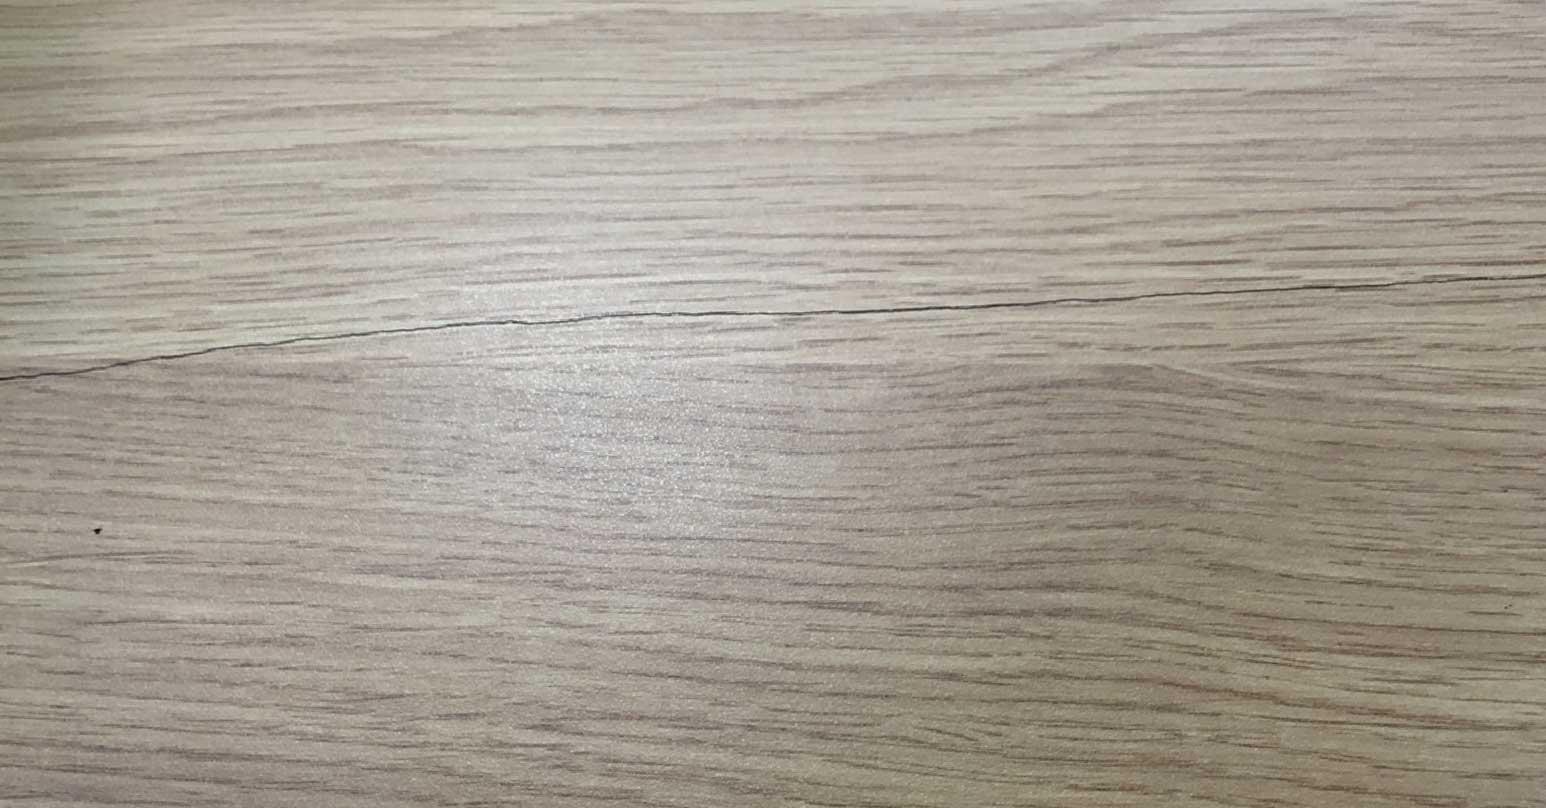 Cracked wooden worktop - Before repair